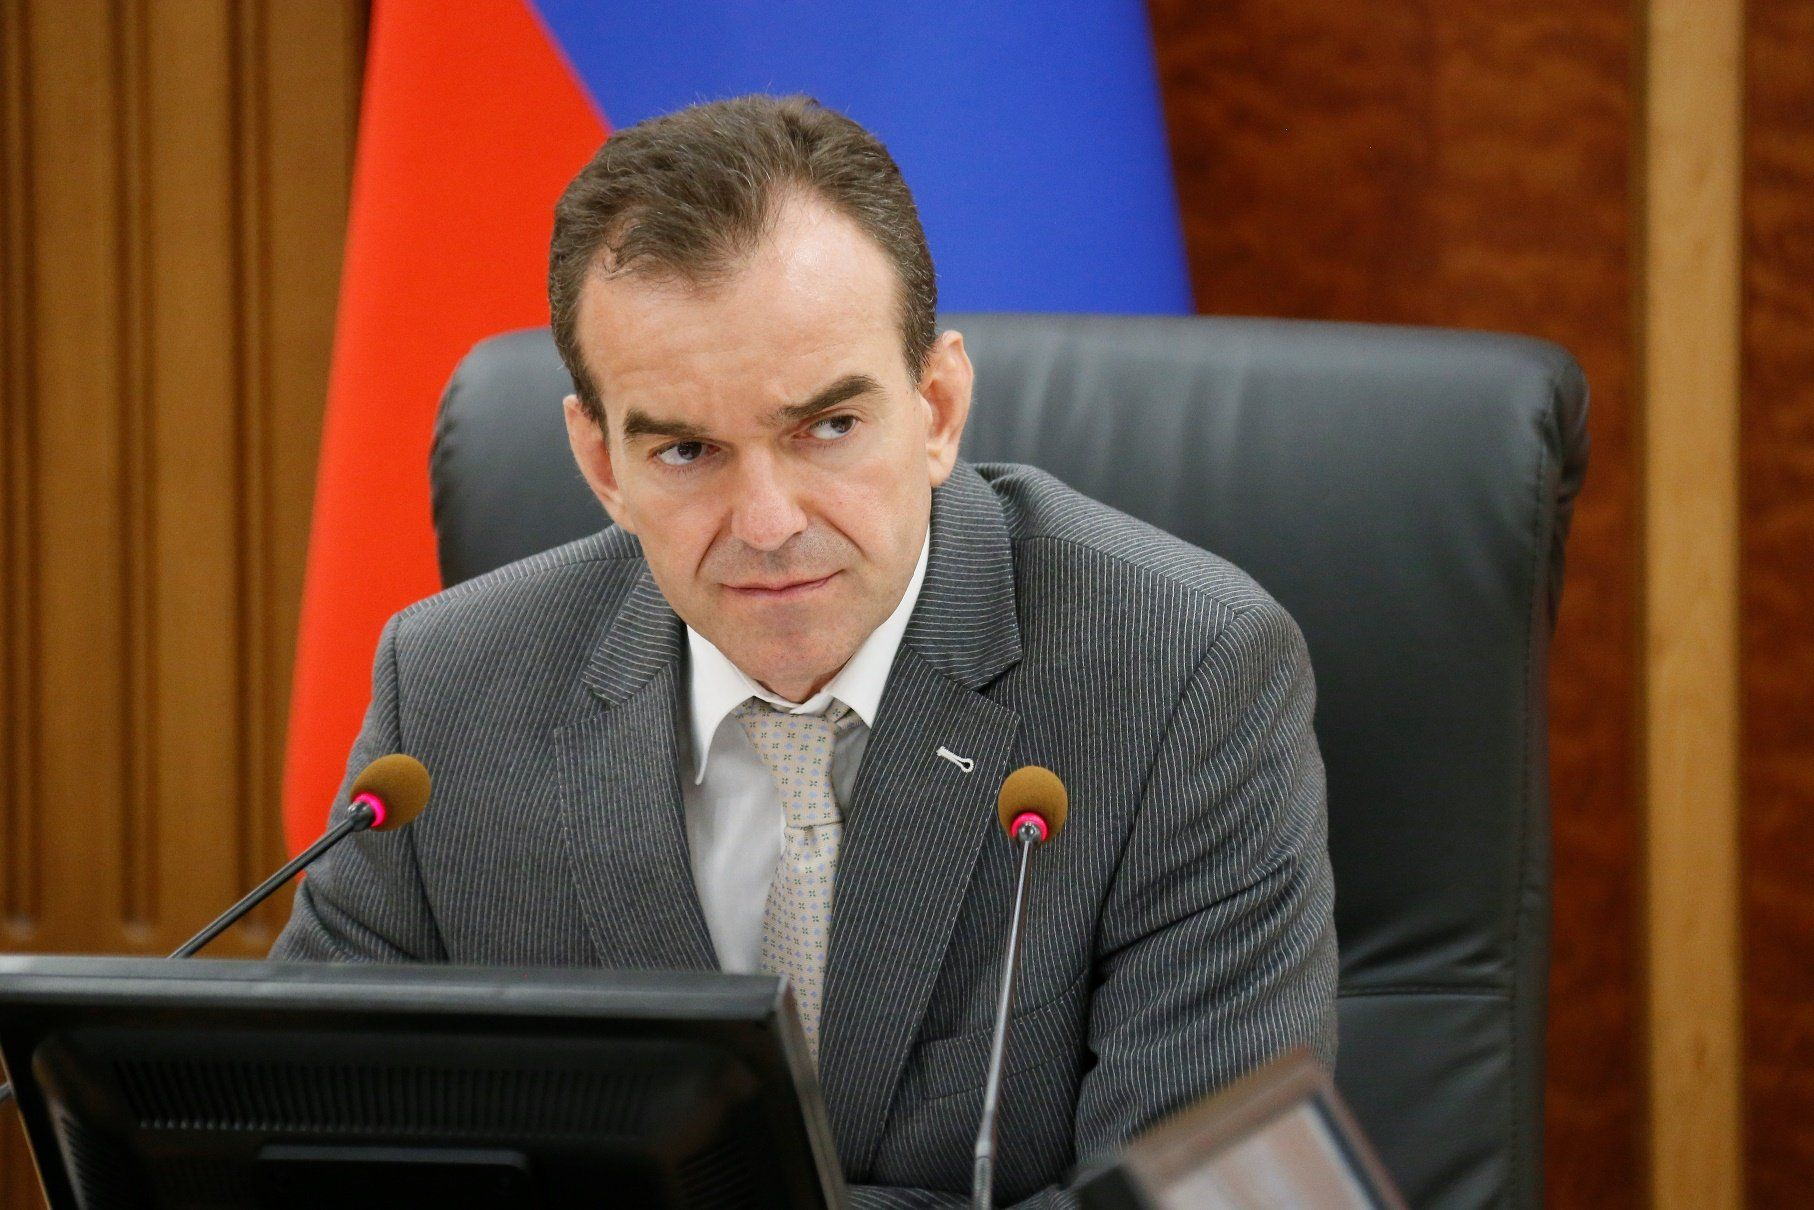 Руководитель Кубани: Для региона 2017 год— год благоприятной динамики